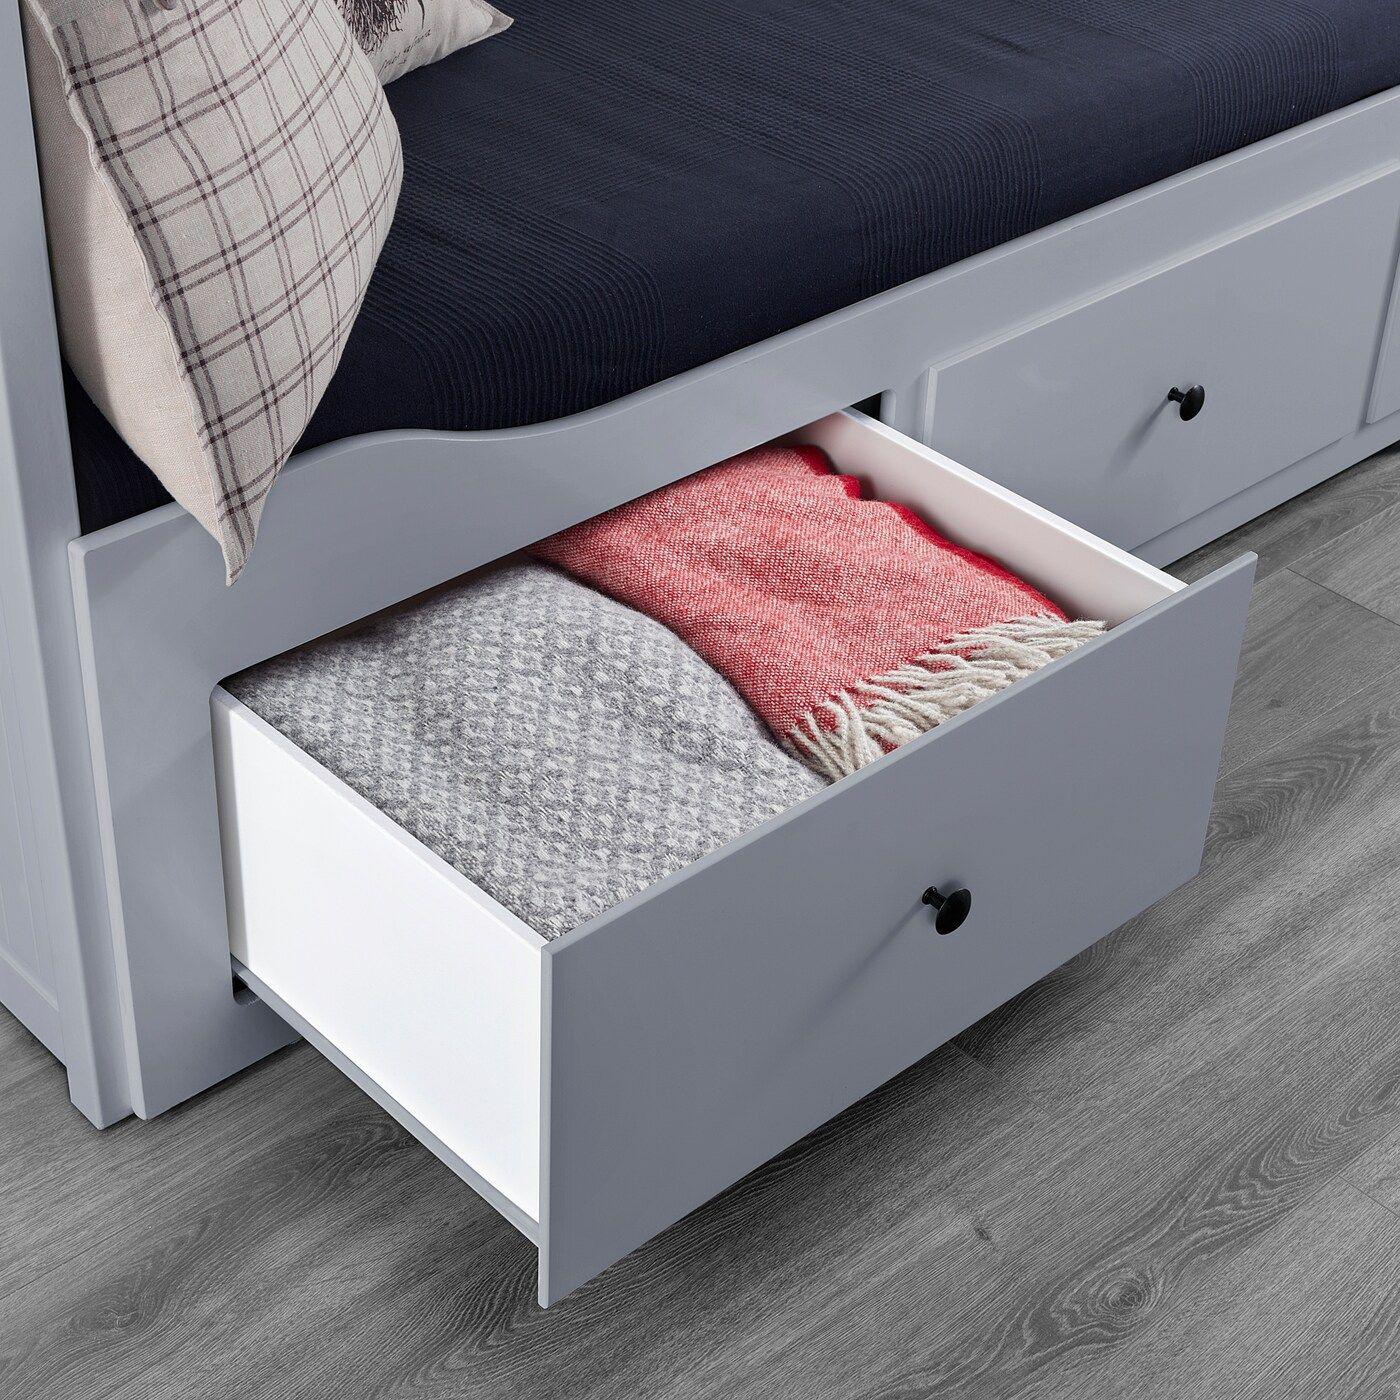 Hemnes Tagesbettgestell 3 Schubladen Grau In 2020 Hemnes Tagesbett Bettgestell Und Ikea Tagesbett